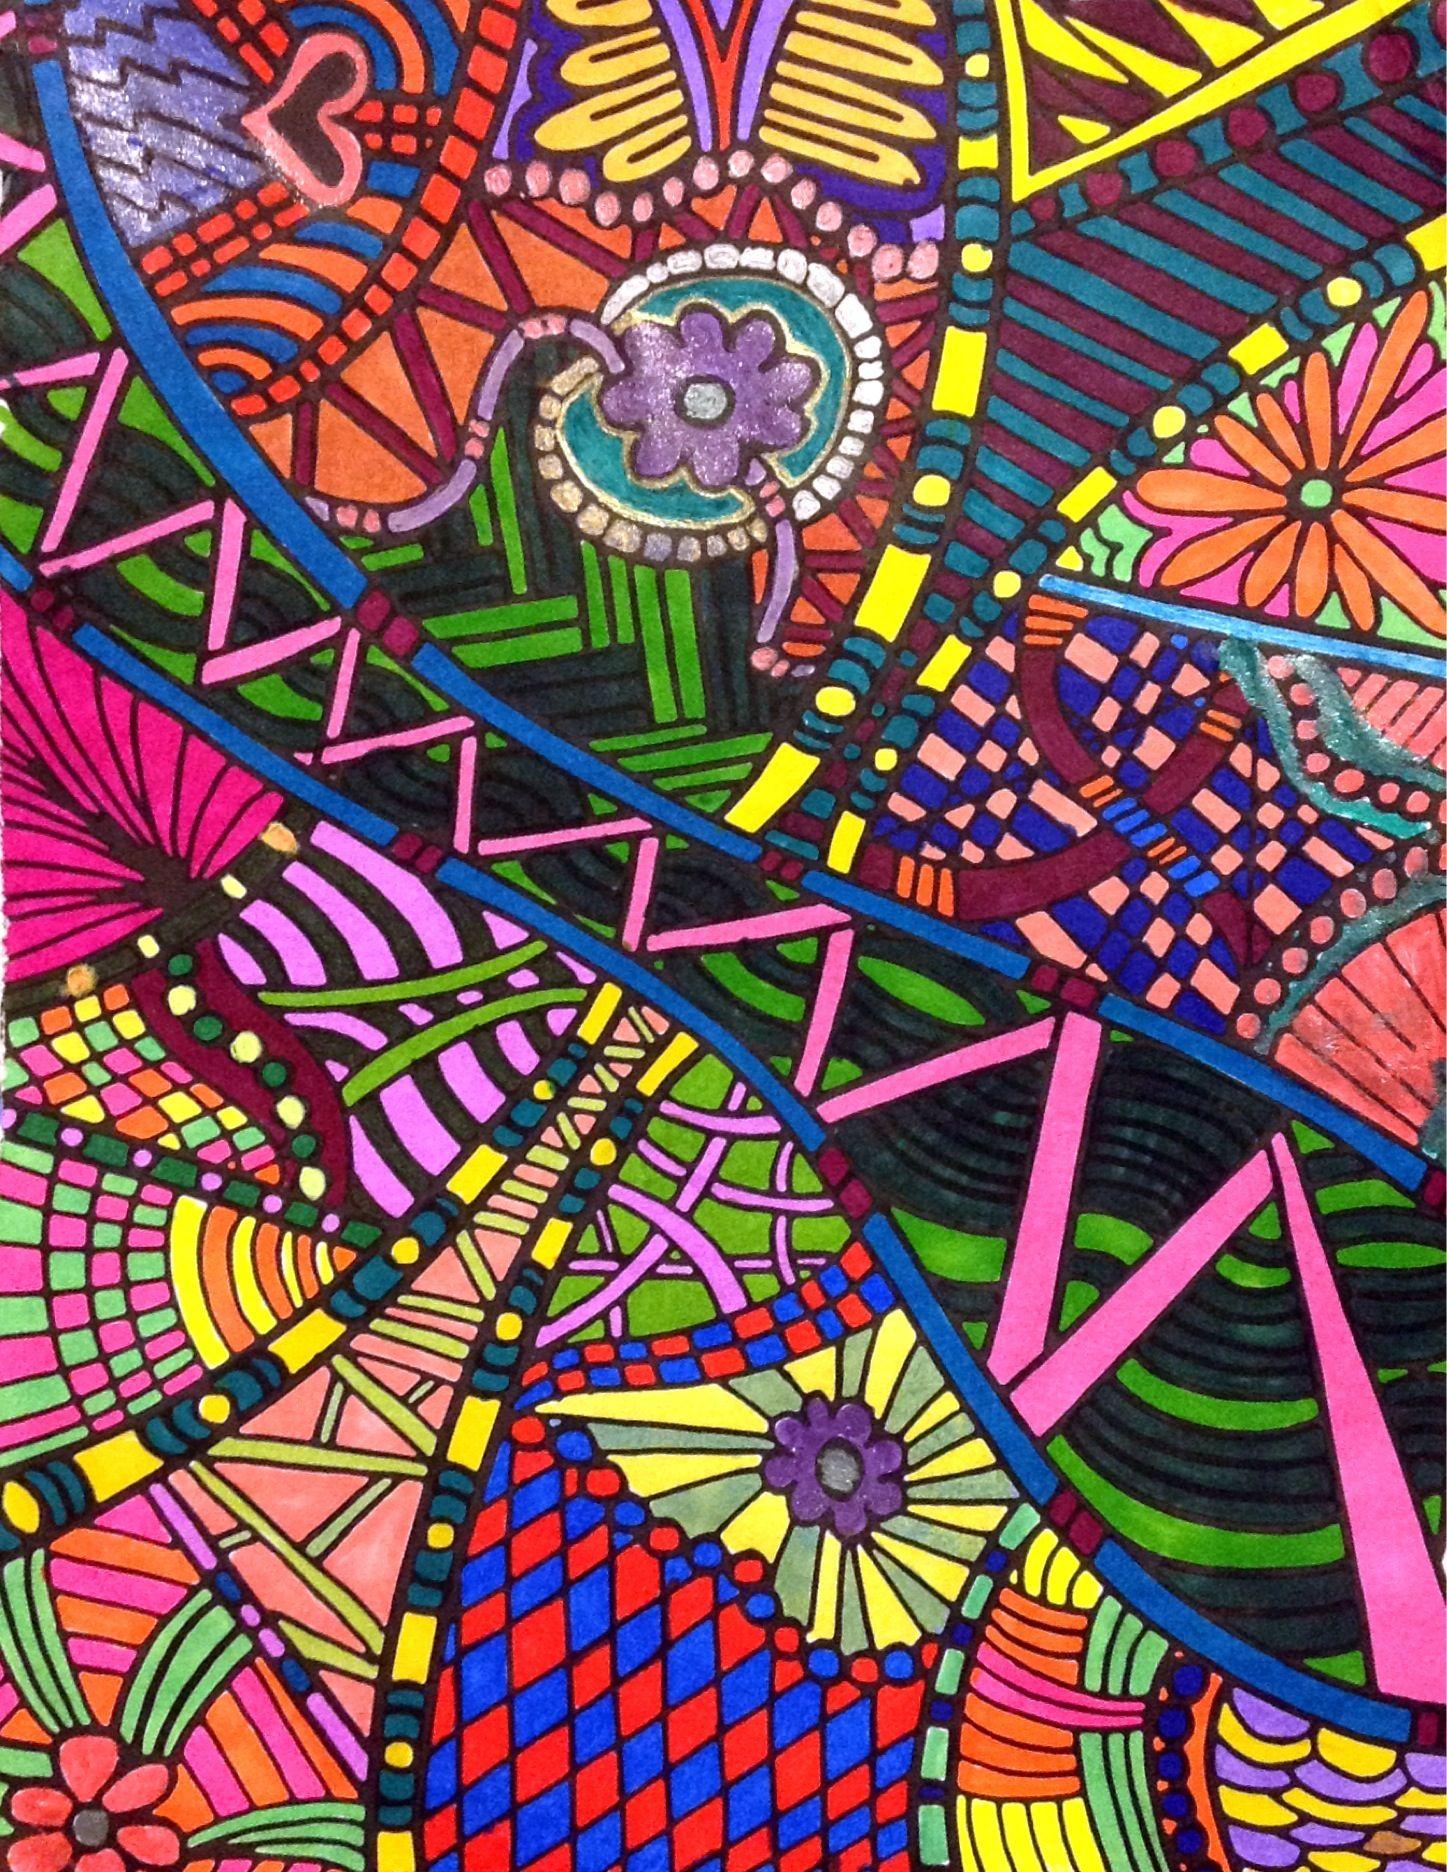 Pin de Robin Taylor en Kaleidoscopia Coloring Books | Pinterest